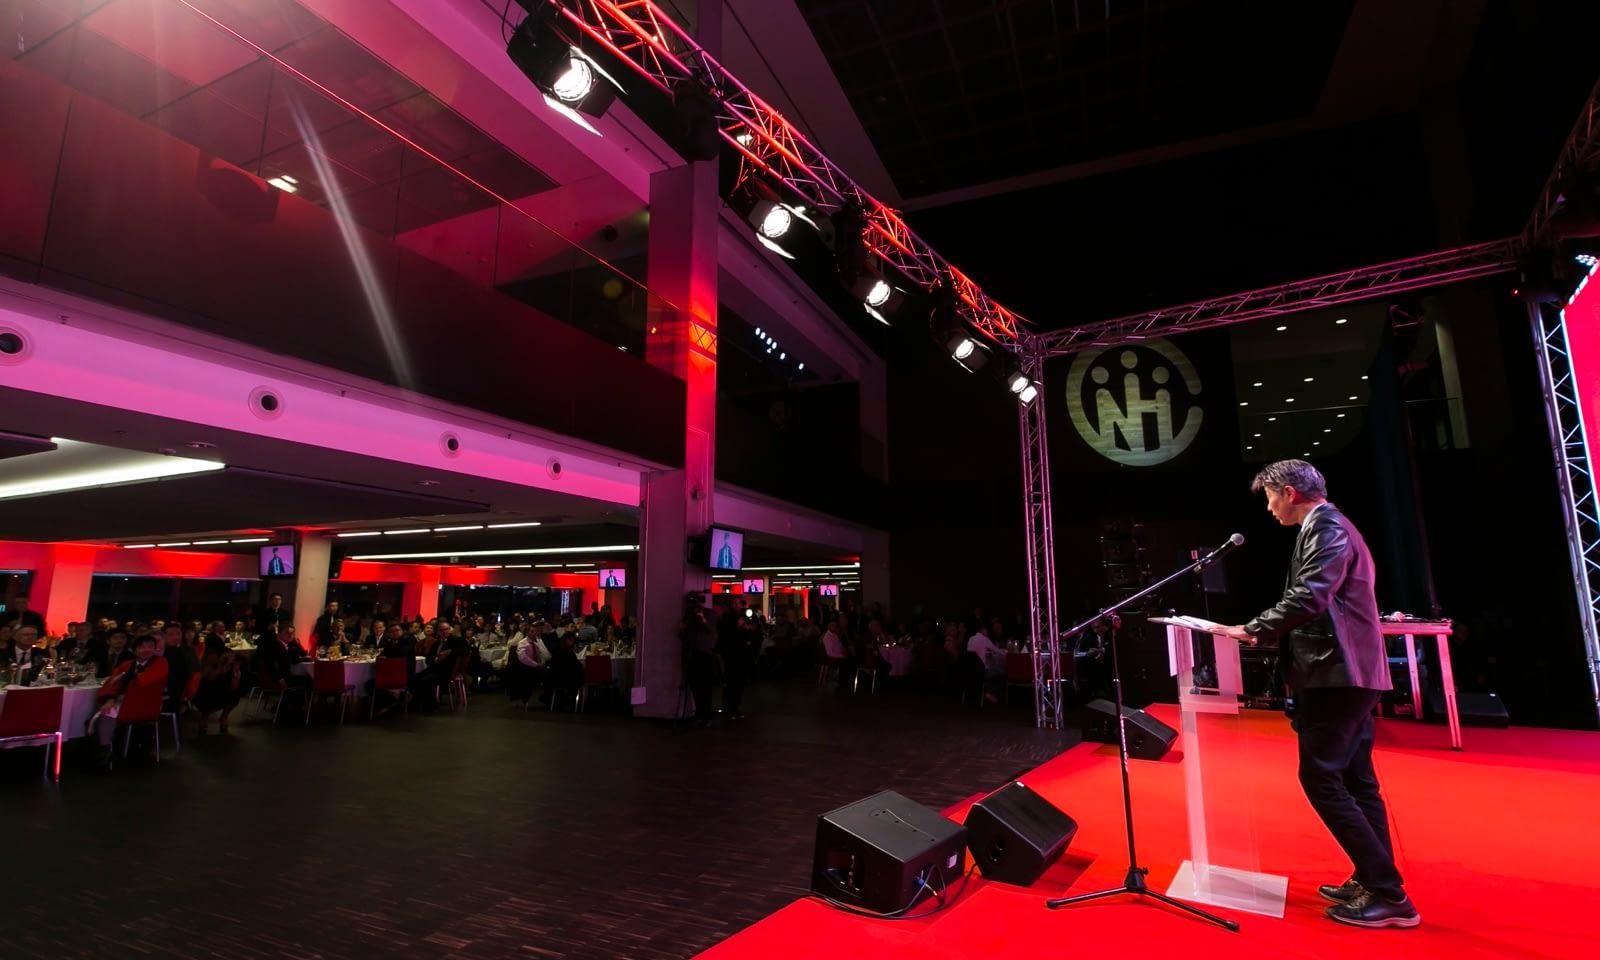 New Honda Circle Convention Warsaw 2017 Brill AV Media